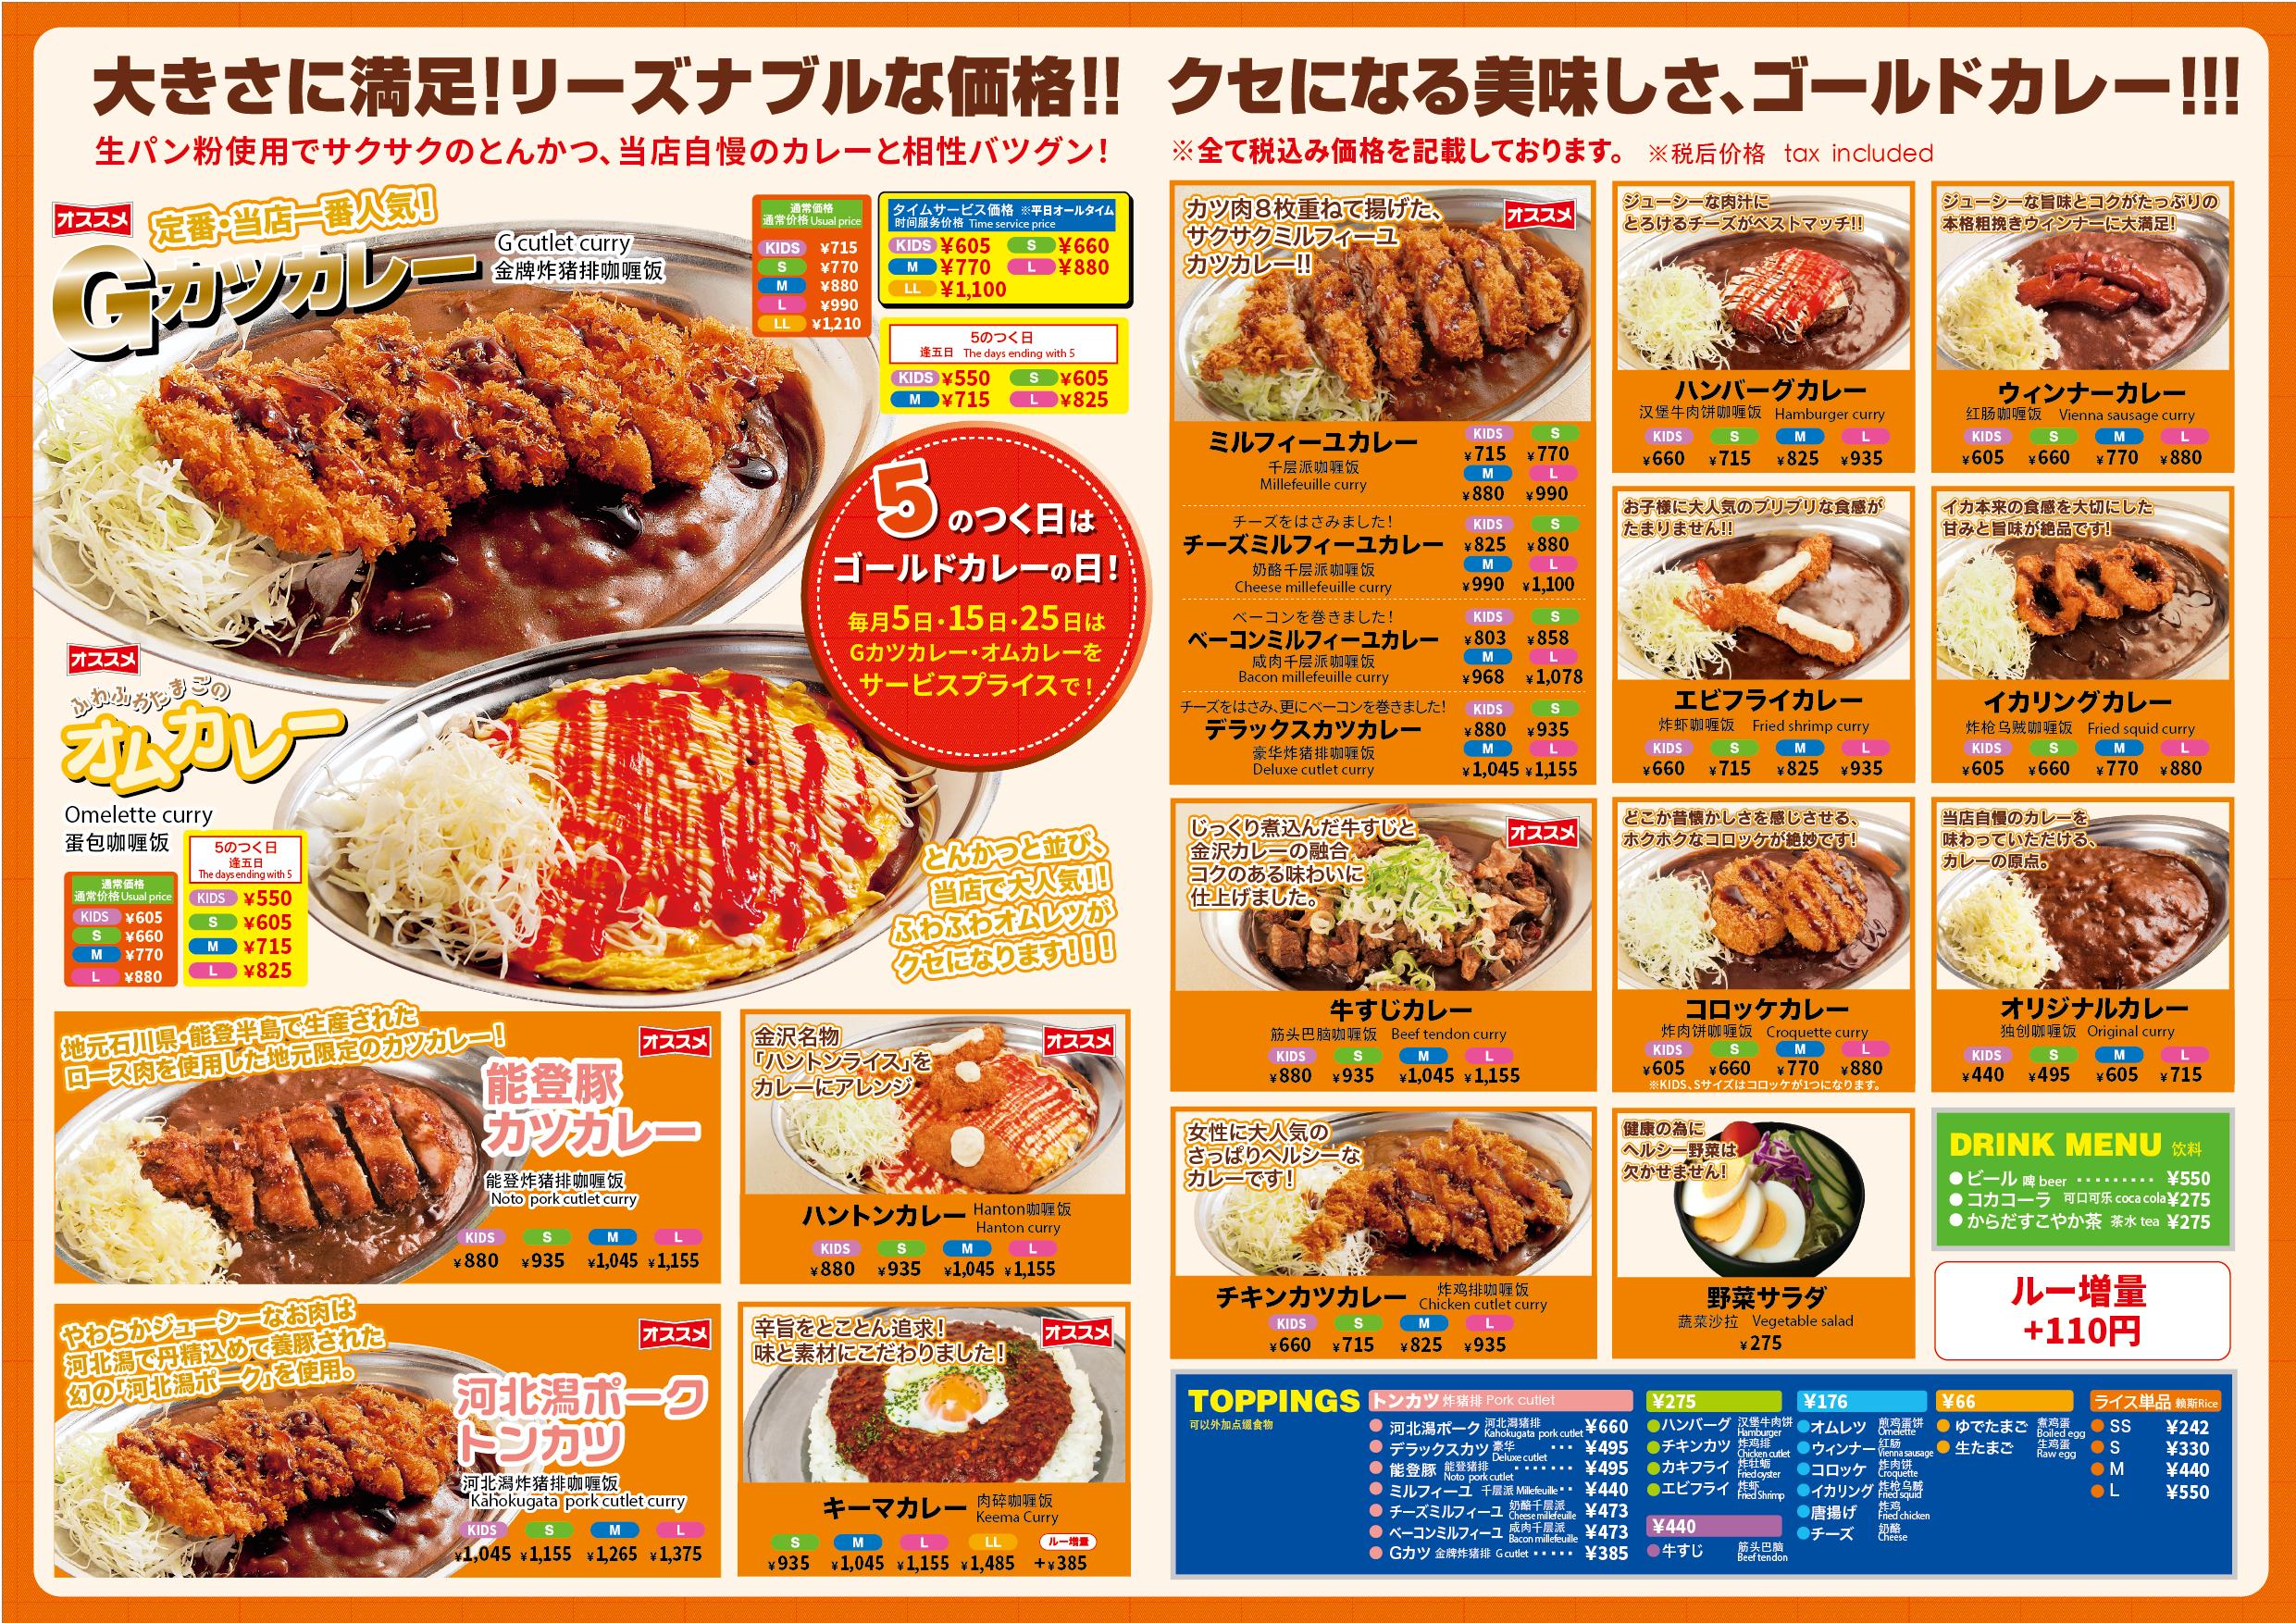 武蔵店メニュー表